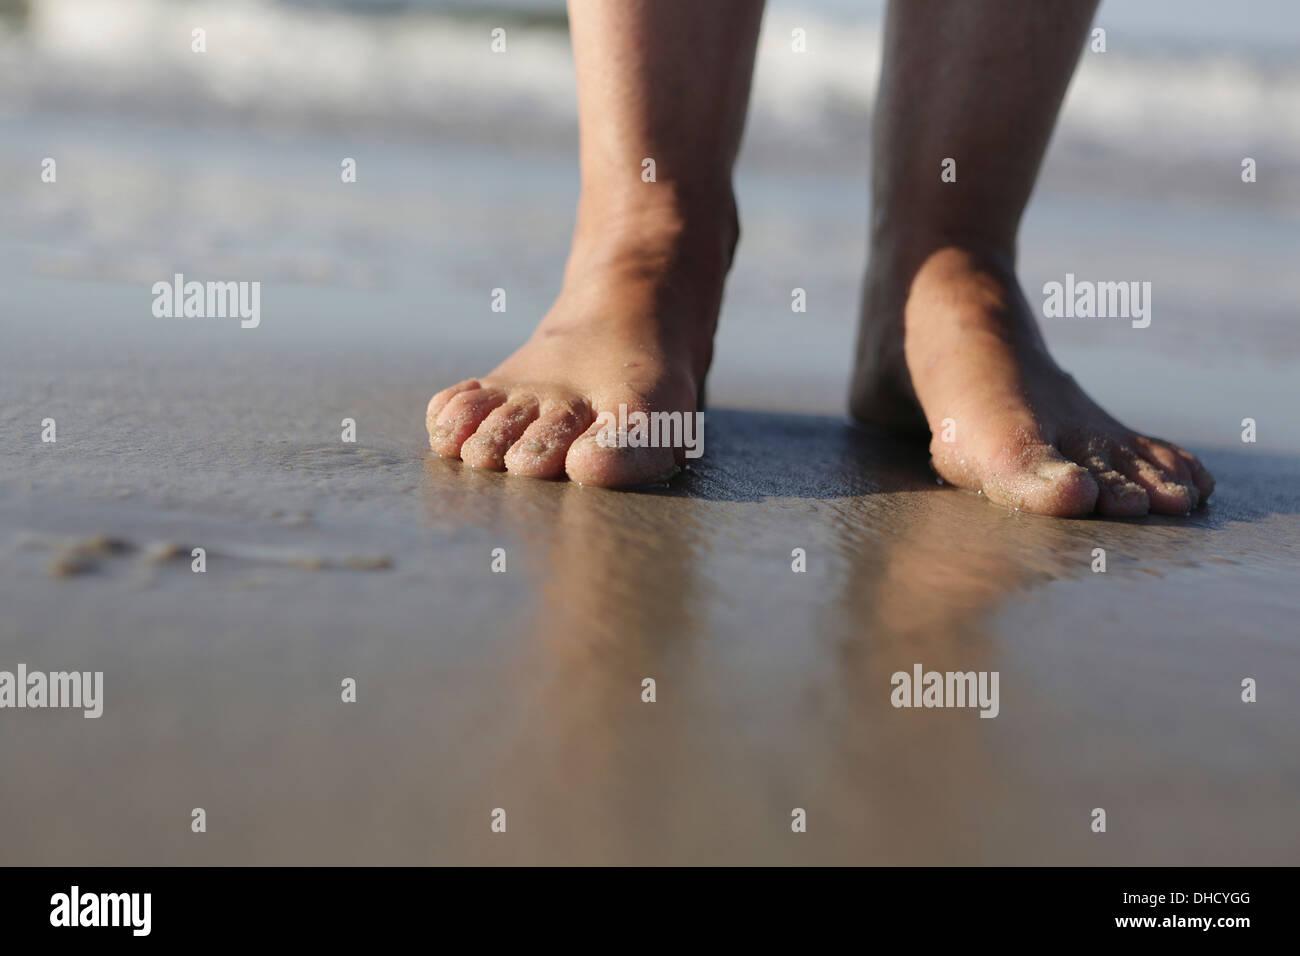 Deutschland, Niedersachsen, Ostfriesland, Langeoog, Füße einer Frau am Strand Stockbild